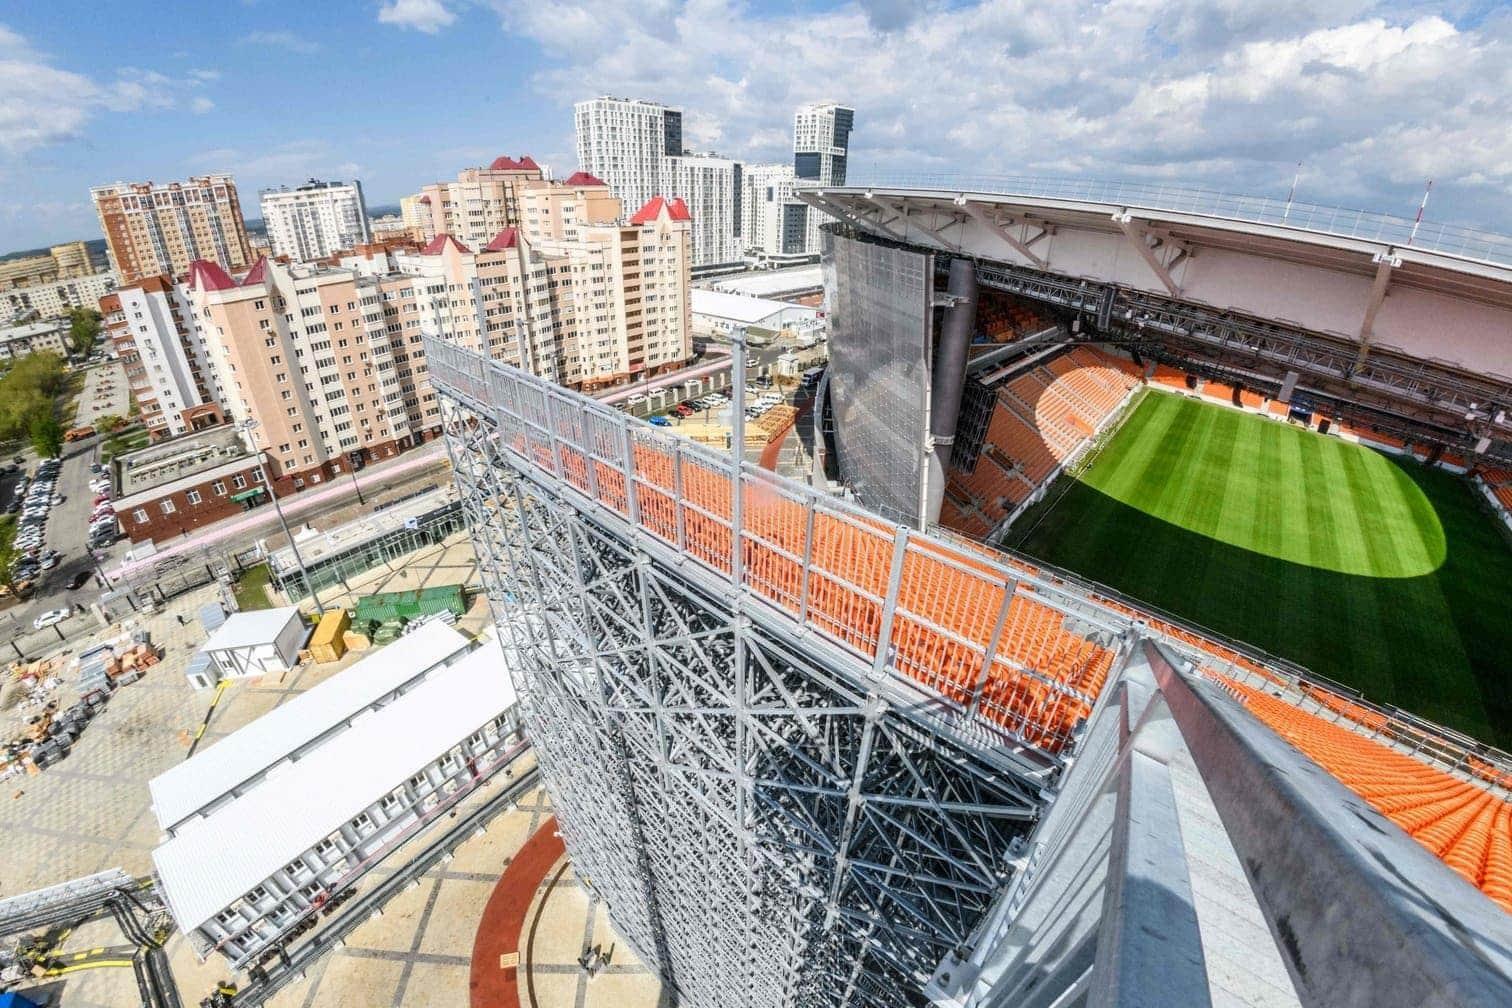 die aus dem Rund herausragen und nur während der WM zu sehen sein werden. Denn anschließend wird das Stadion wieder zurückgebaut. Die Kapazität beträgt nun vorübergehend 35.696 Zuschauer.</p> Foto: afp